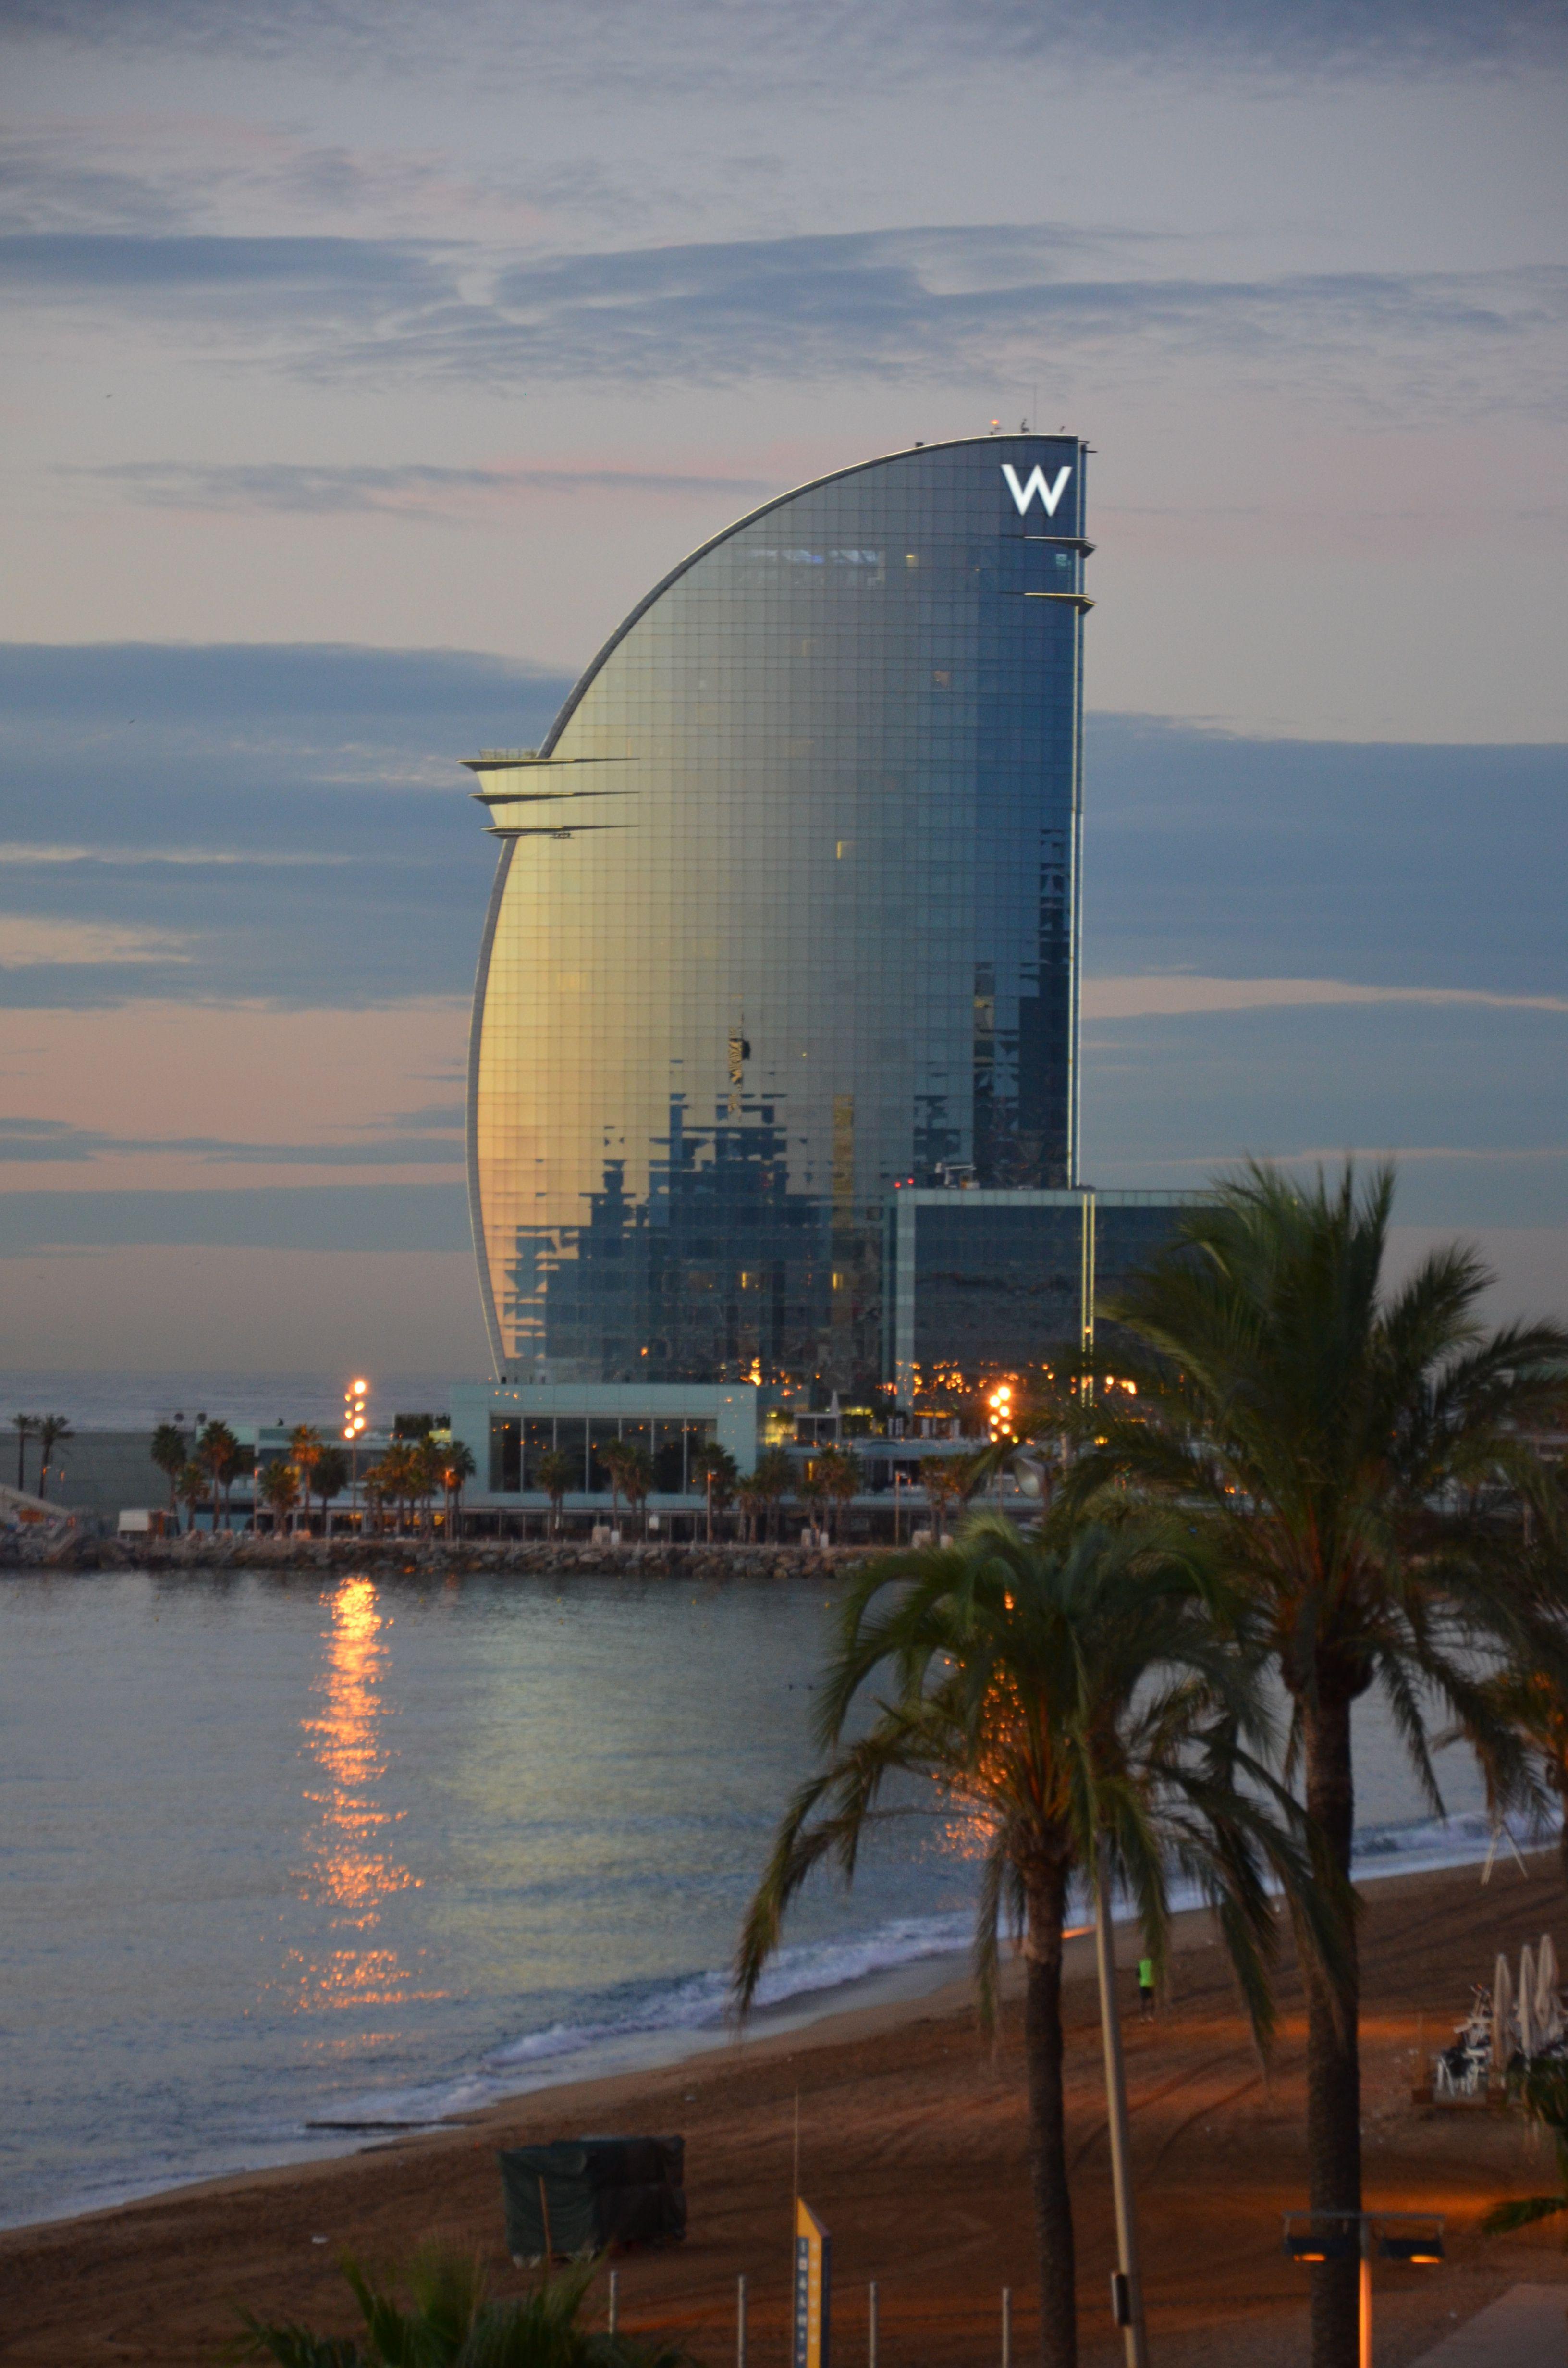 The W hotel in the morning light.  Barceloneta, Barcelona